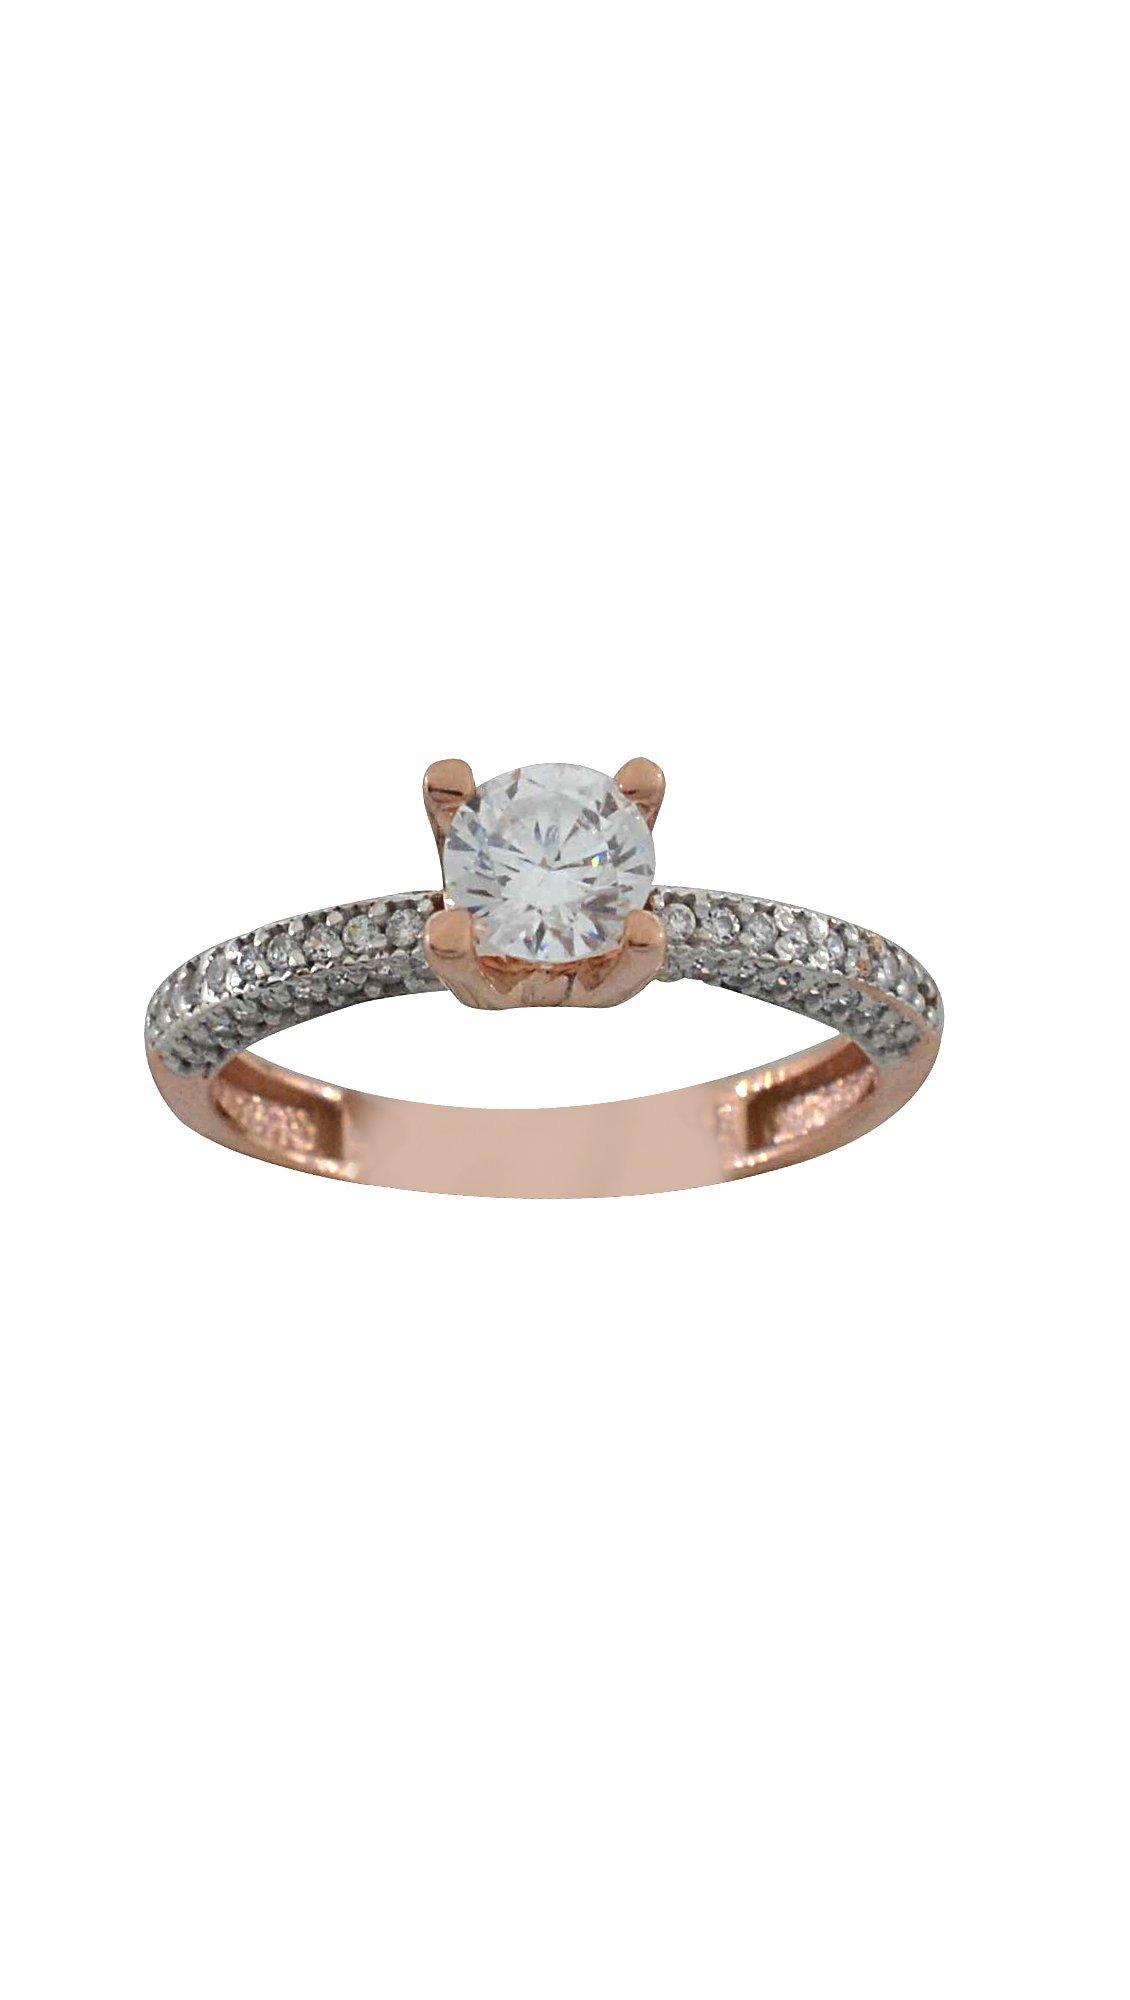 Filva Δαχτυλίδι μονόπετρο ροζ χρυσό 14 καράτια με ζιργκόν swarovski ... 004db2f2b3f